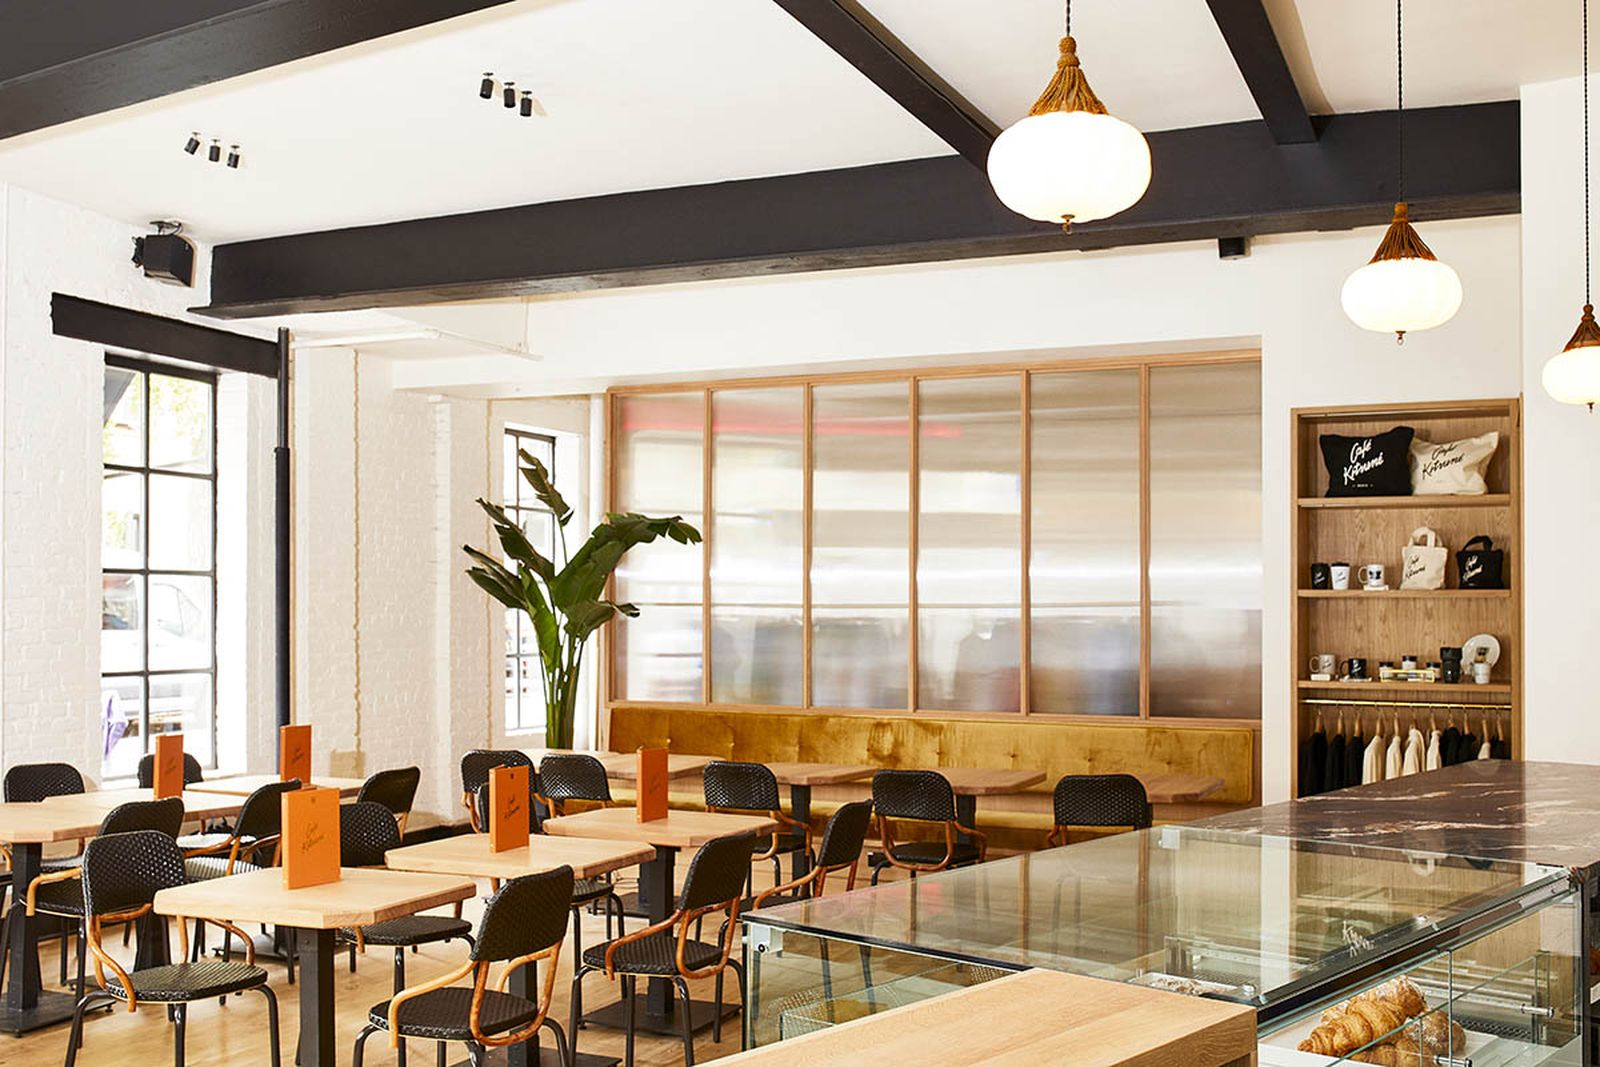 Café Kitsuné New York